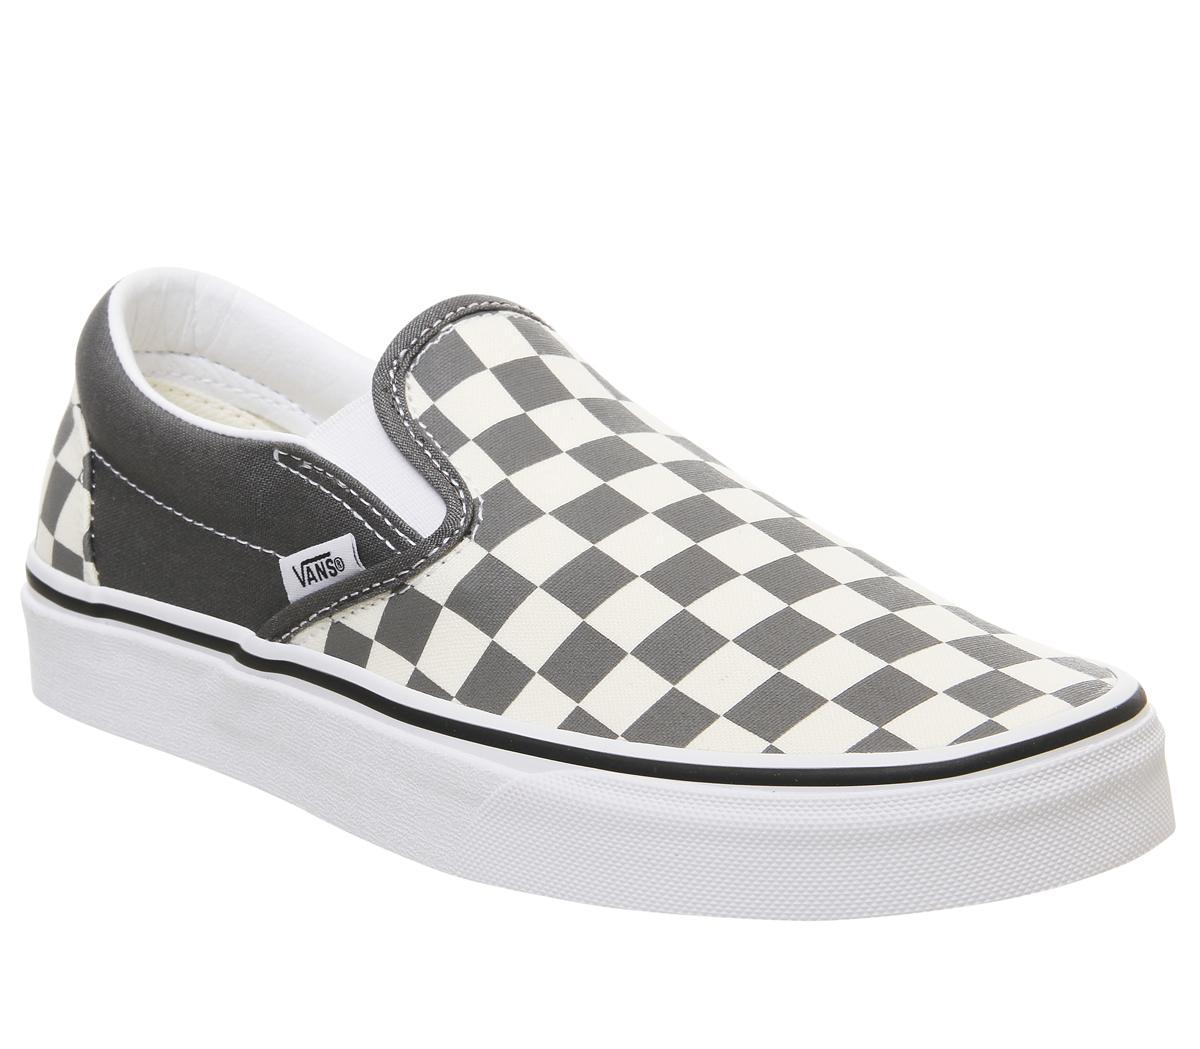 Vans Vans Classic Slip On Pewter White